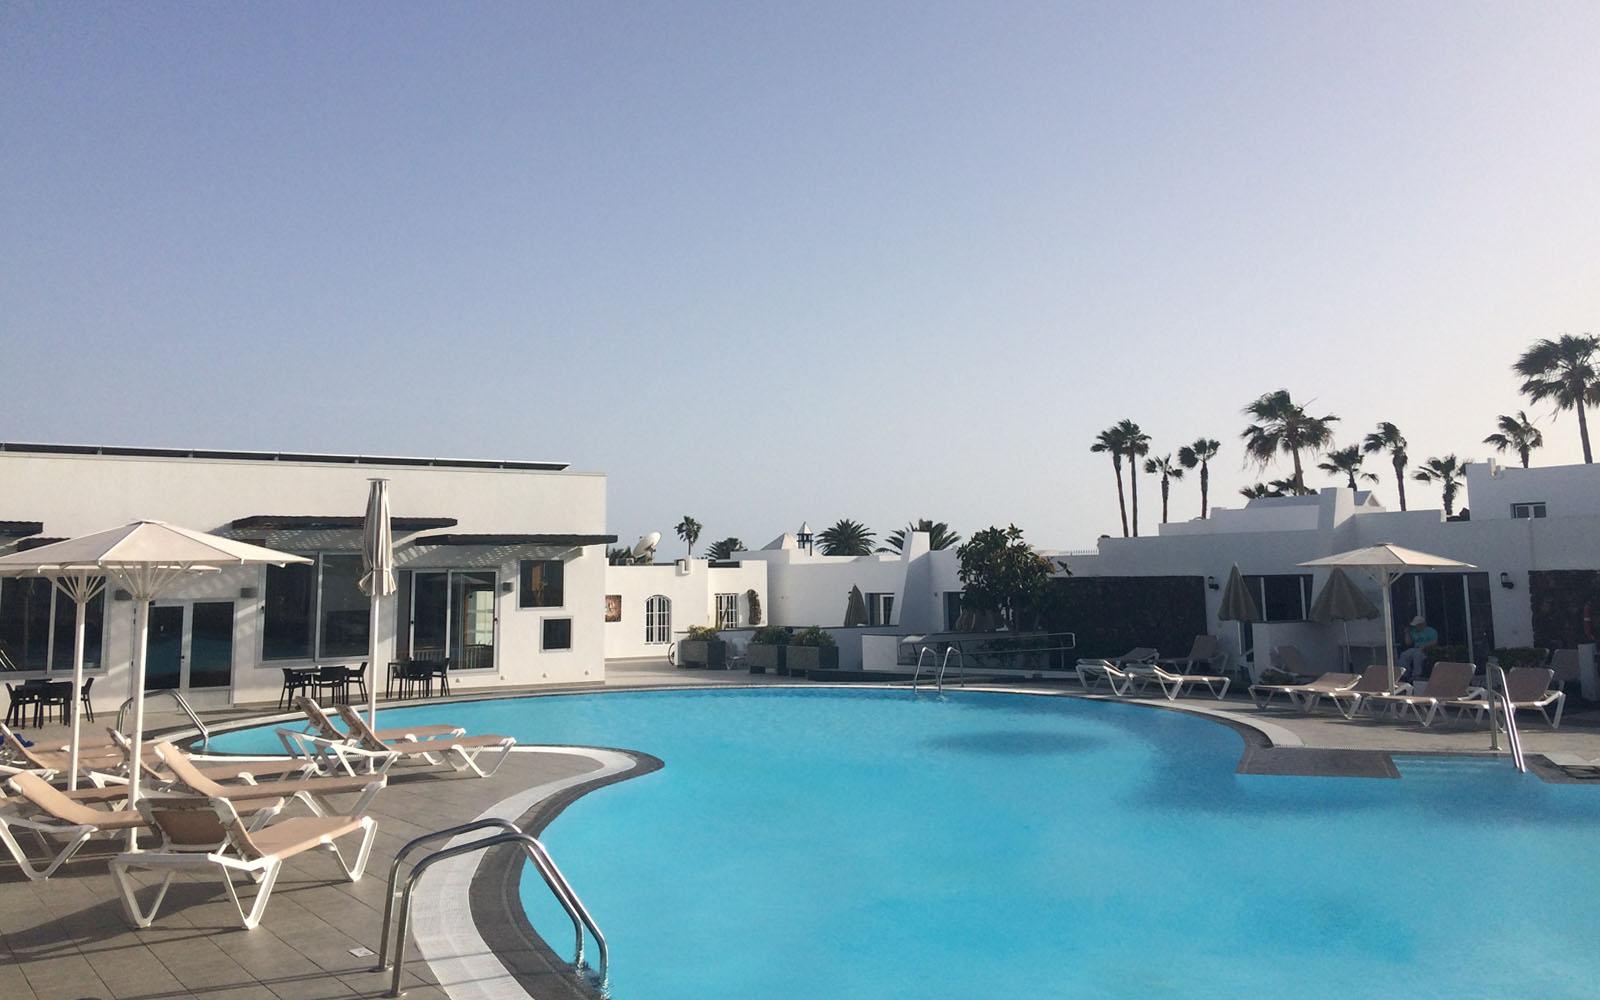 La piscina, libera da barriere architettoniche, del Nautilus Lanzarote